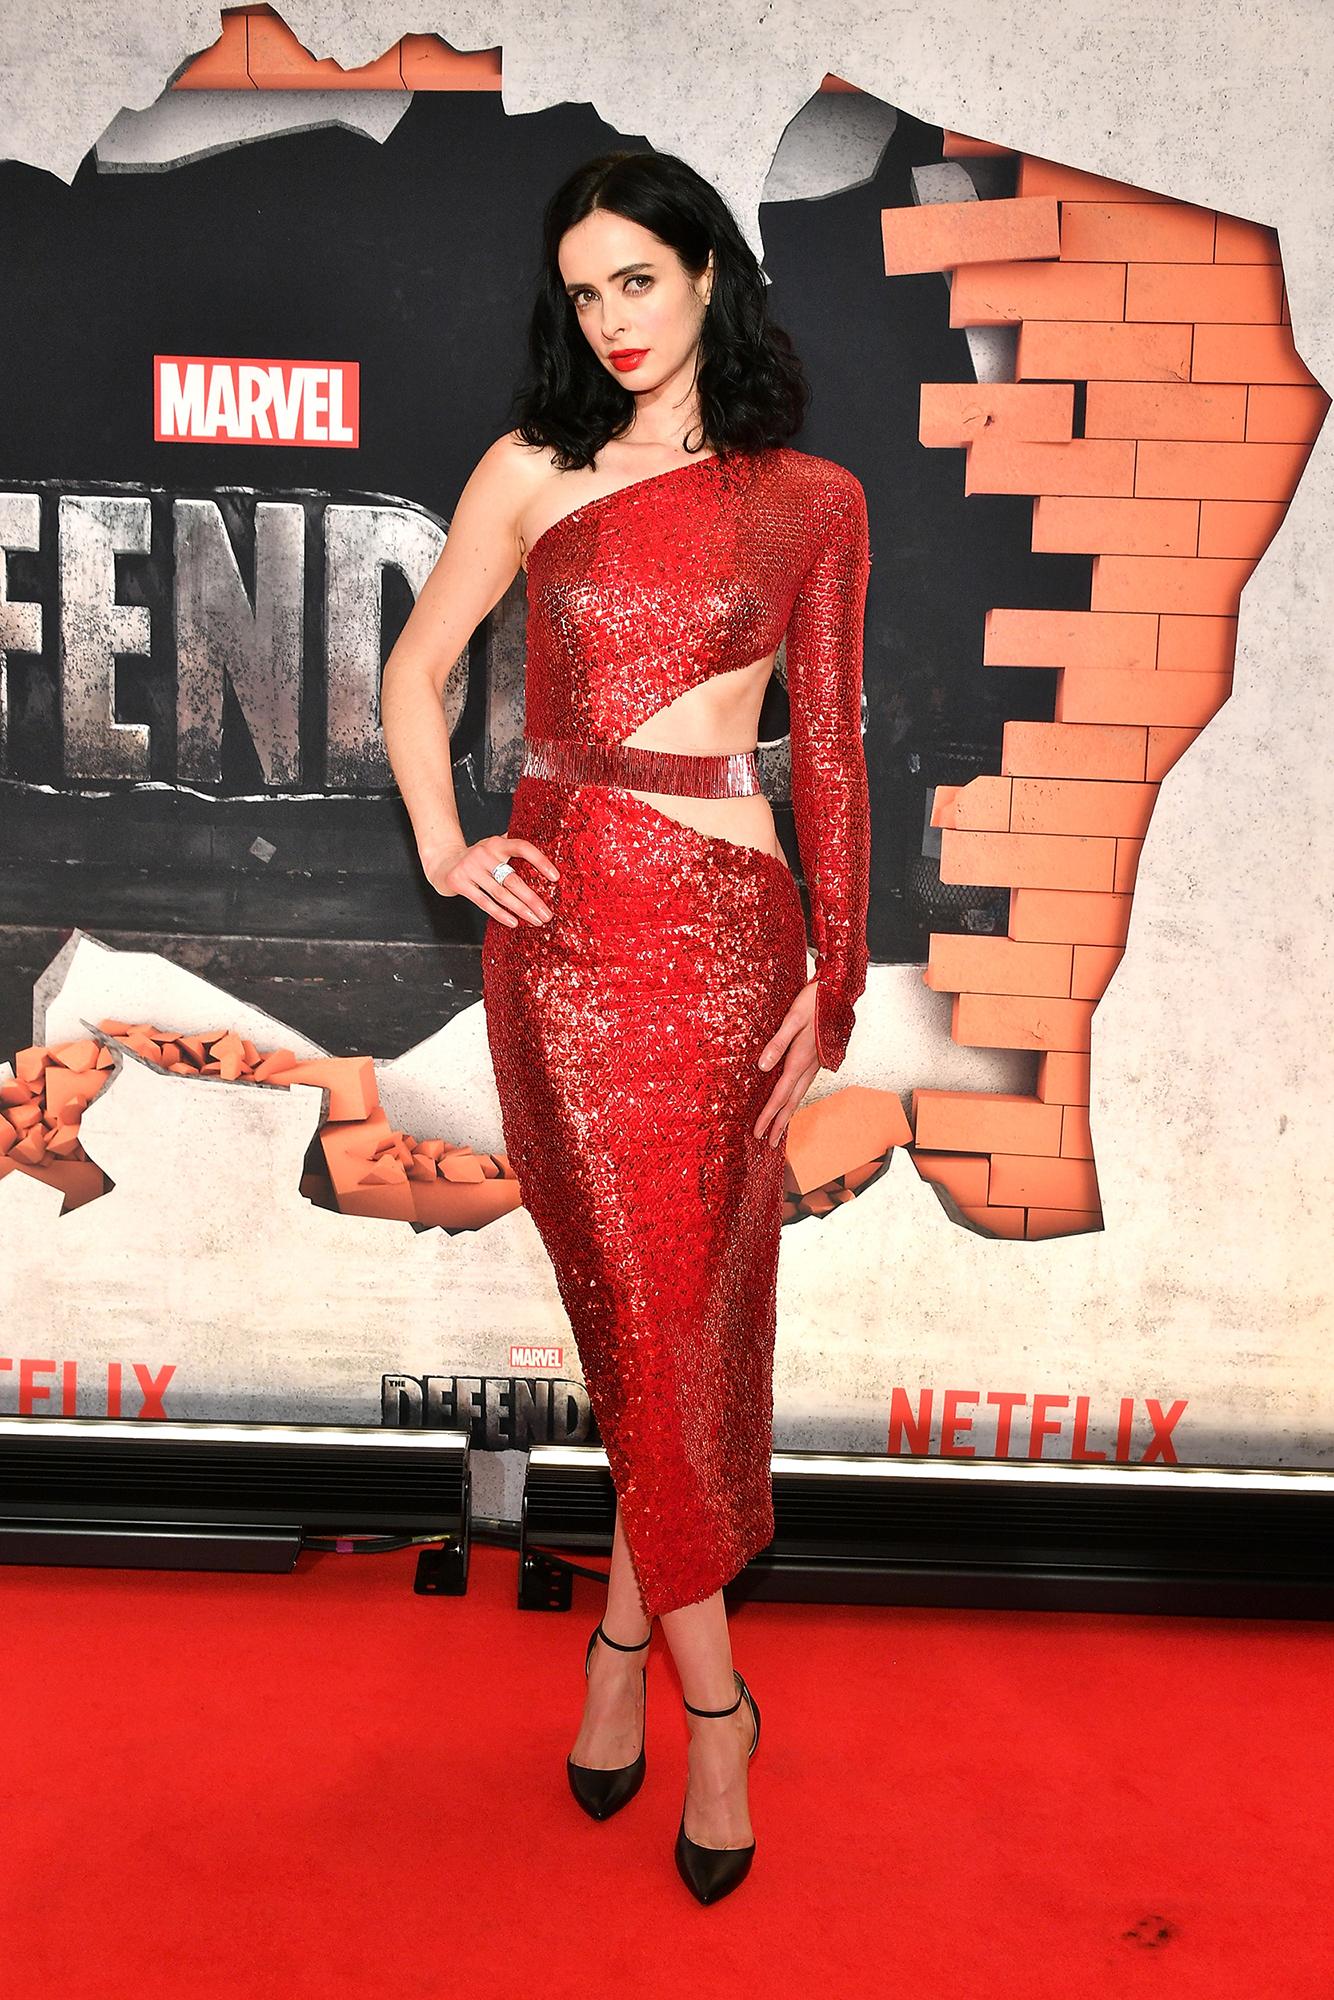 af1ef4fdf Confira 10 ideias de maquiagem para usar com vestido vermelho - Tudo ...